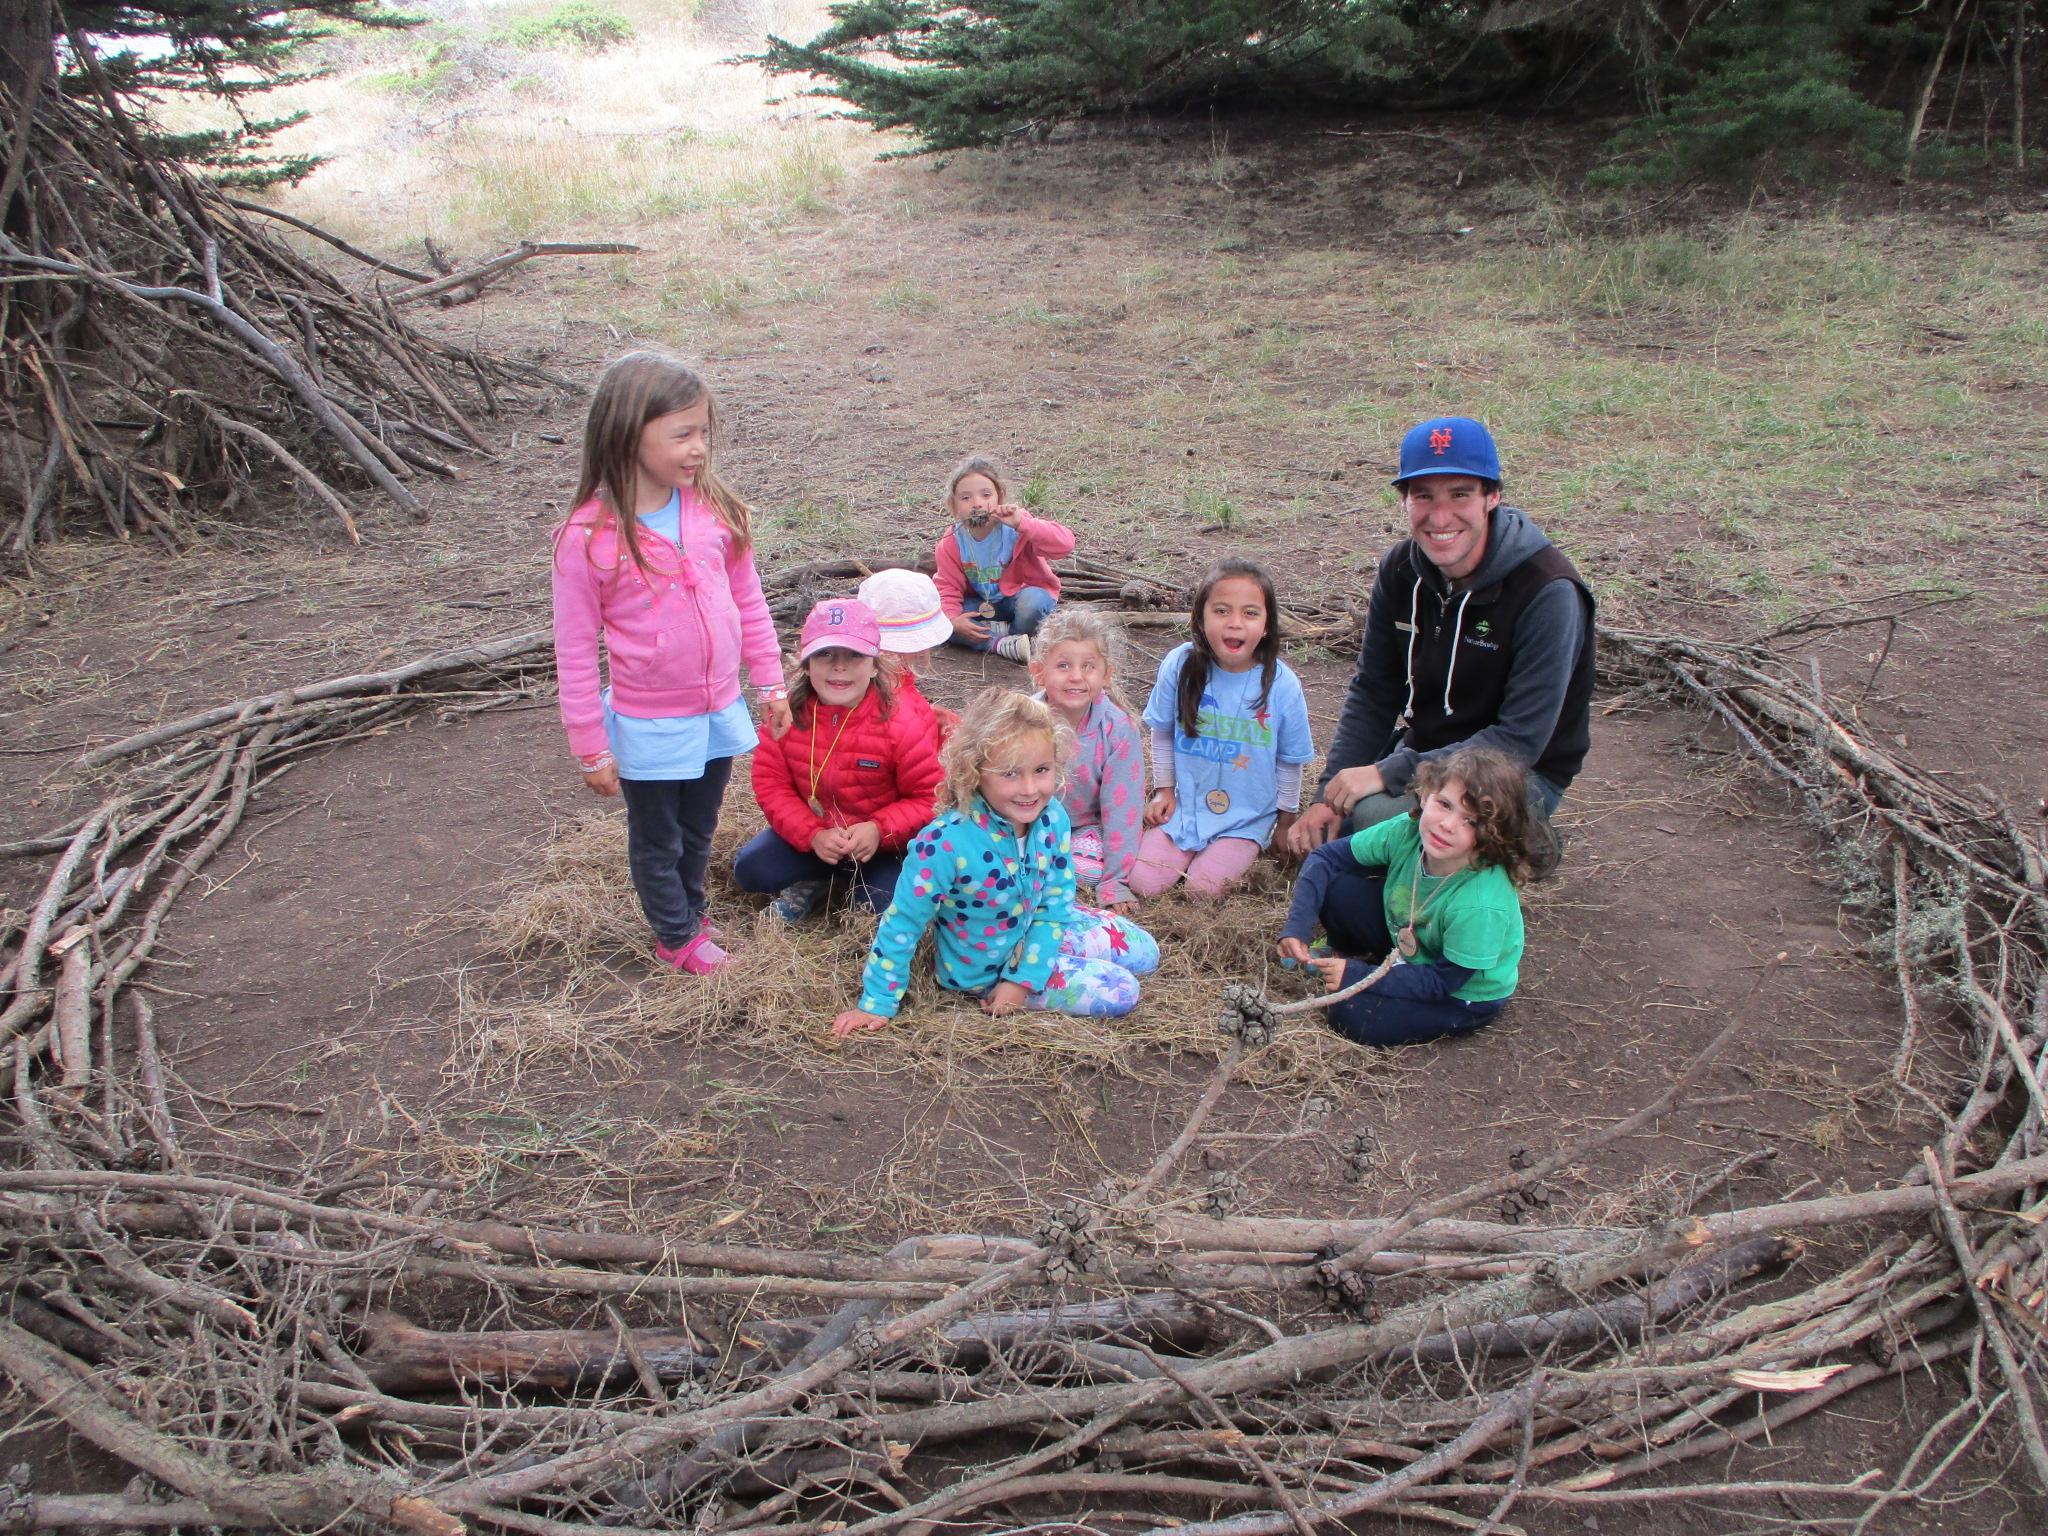 Kinder campers build a nest